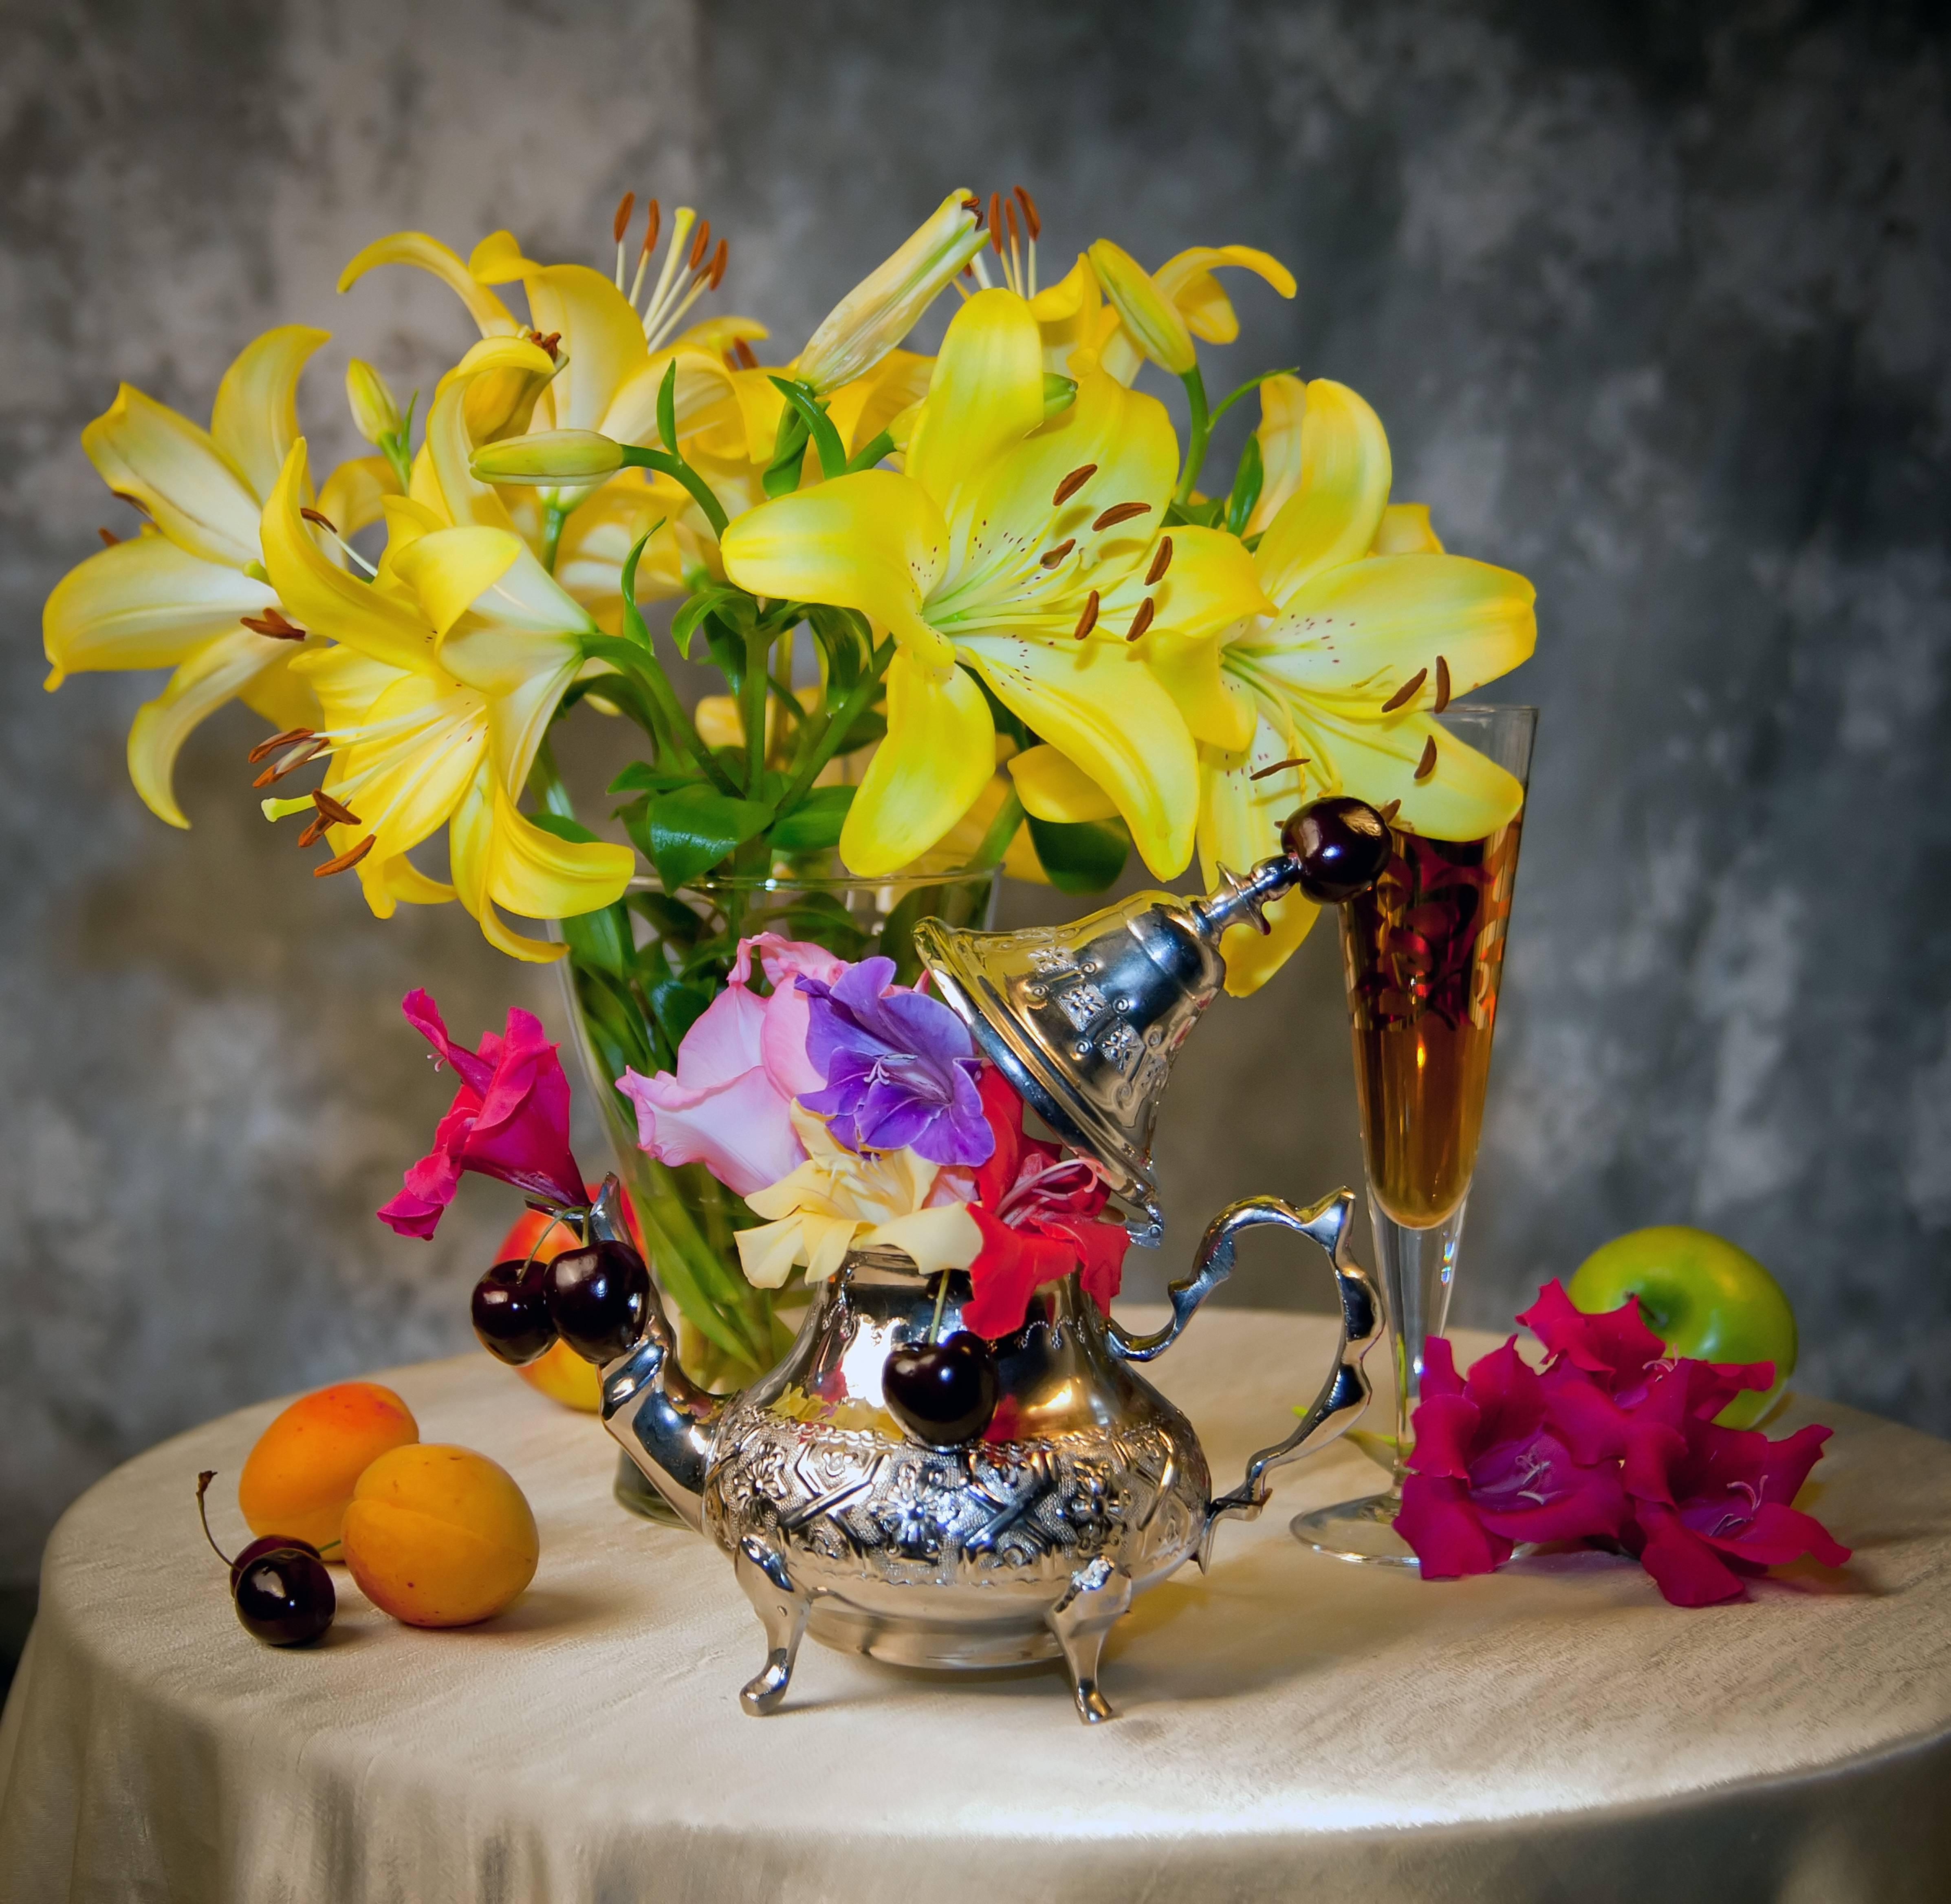 натюрморт, цветы, фрукты